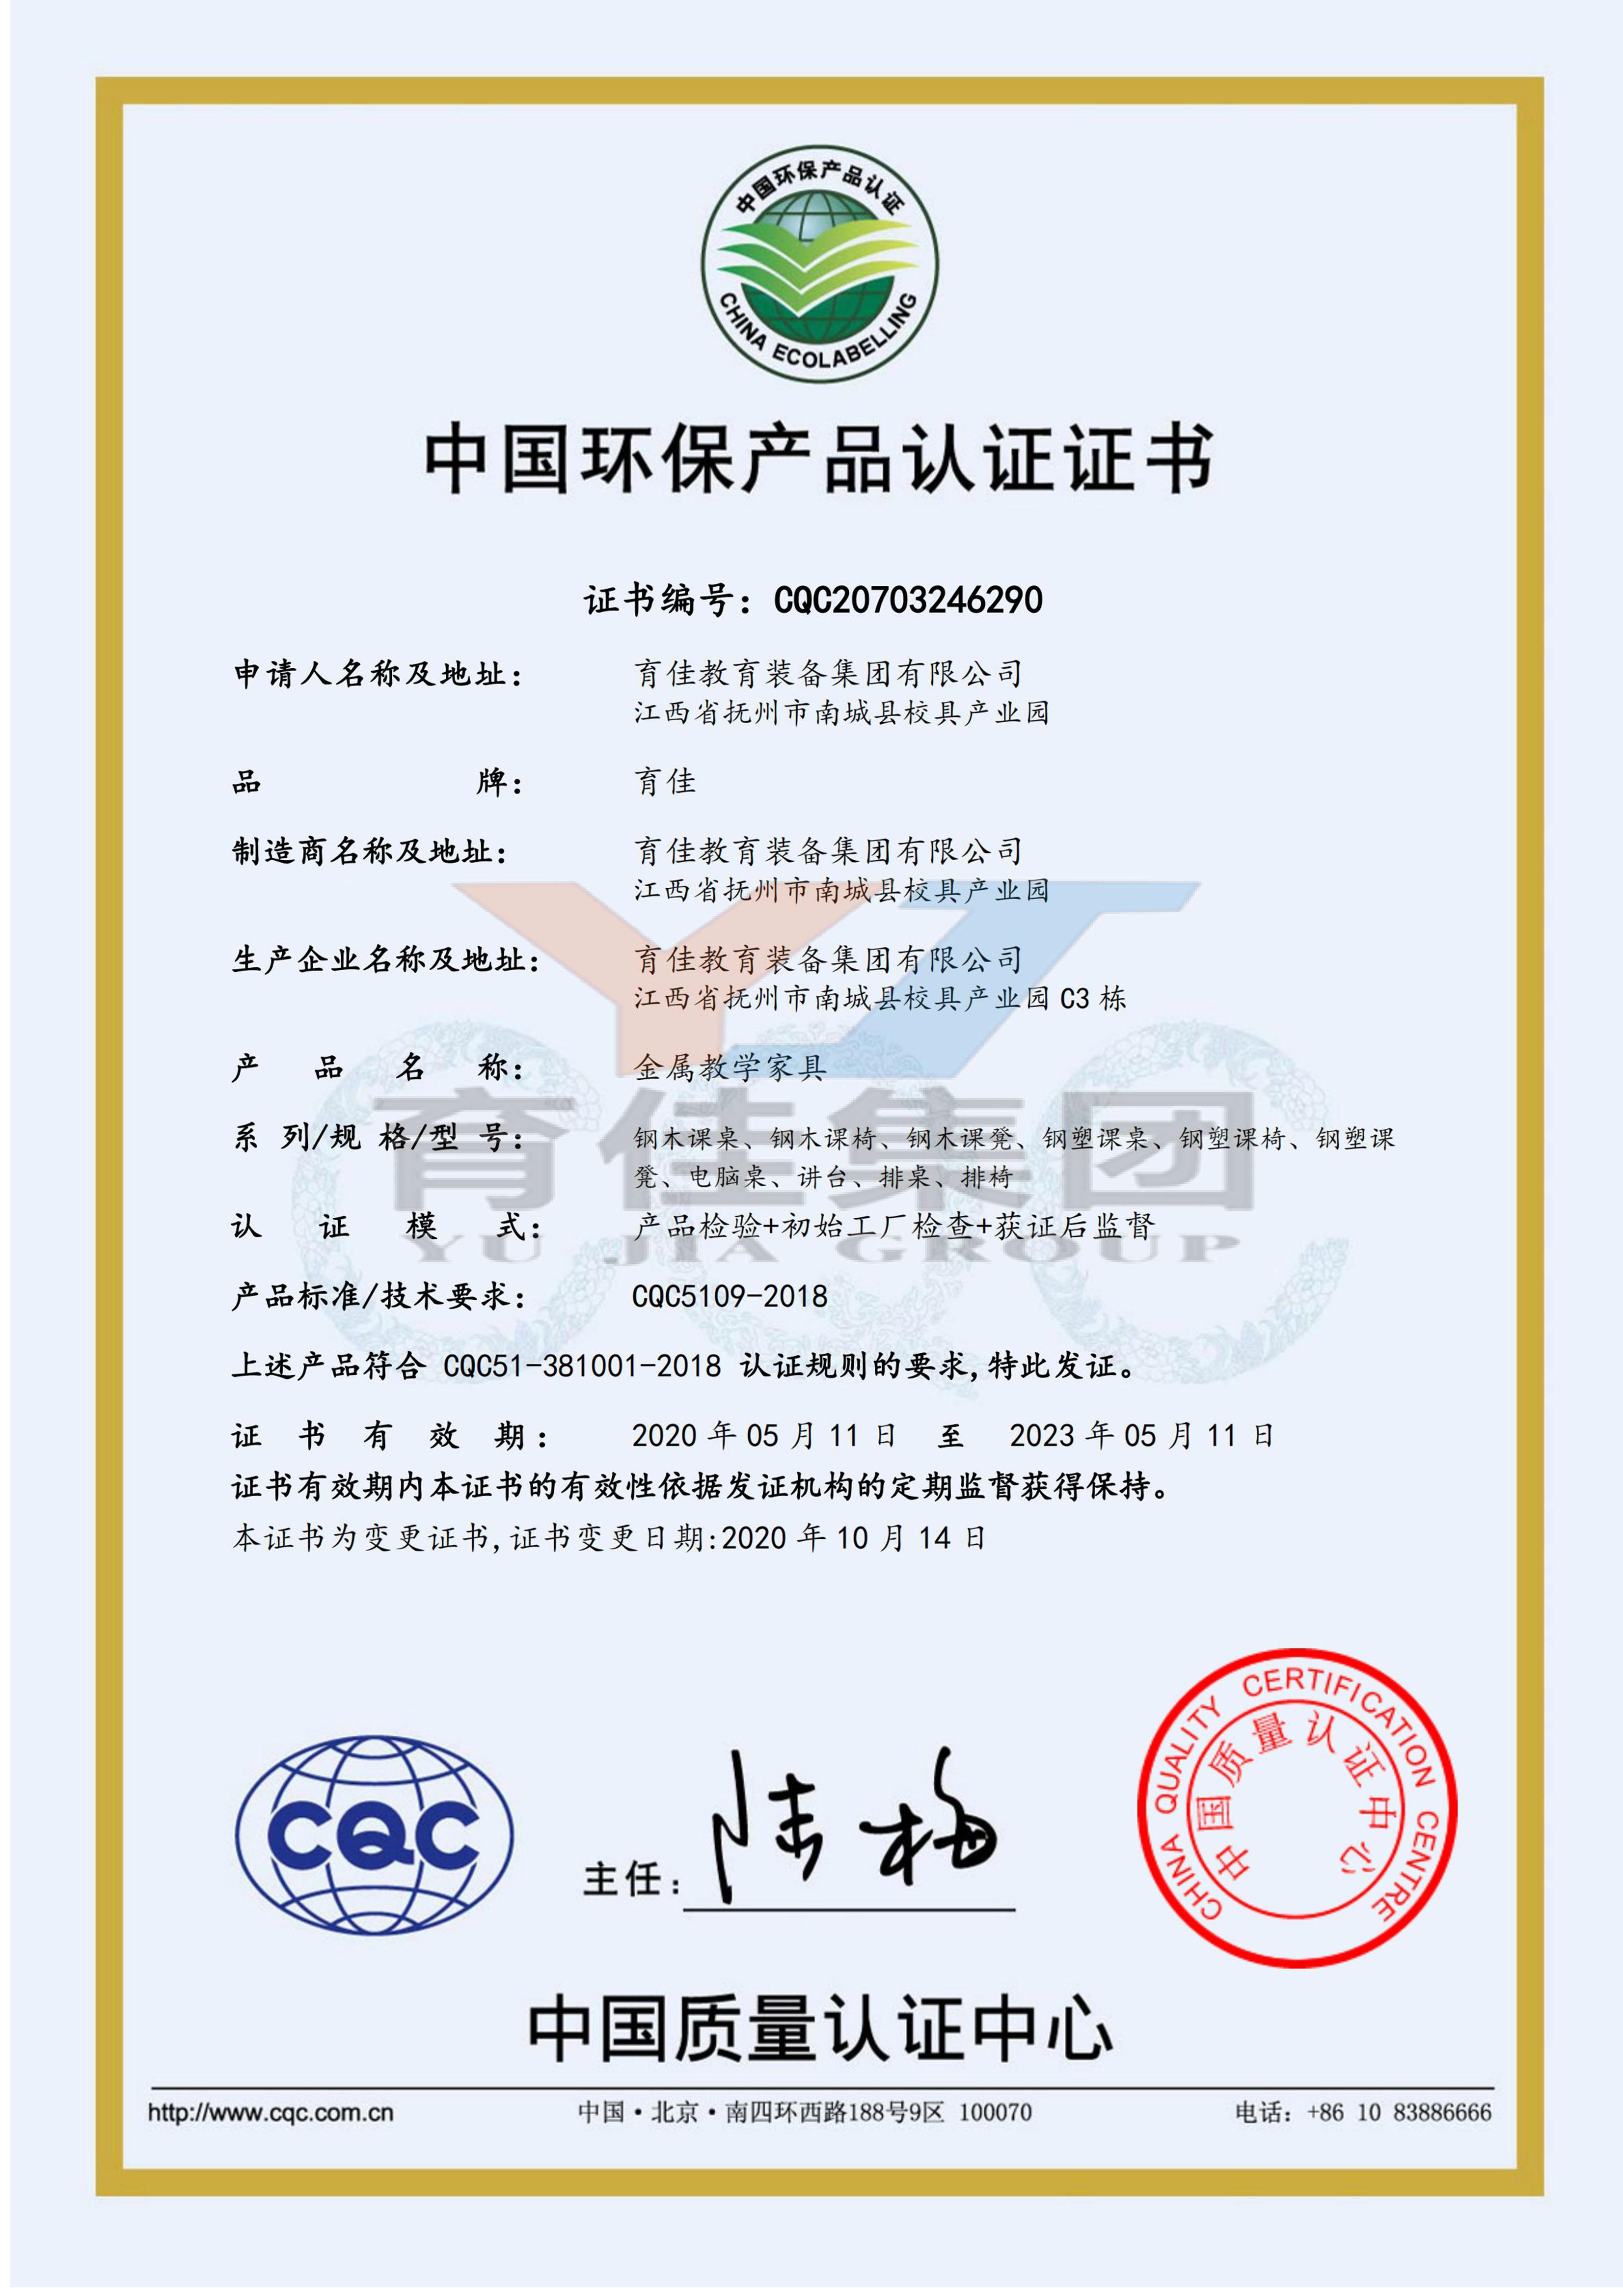 中國環保產品認證